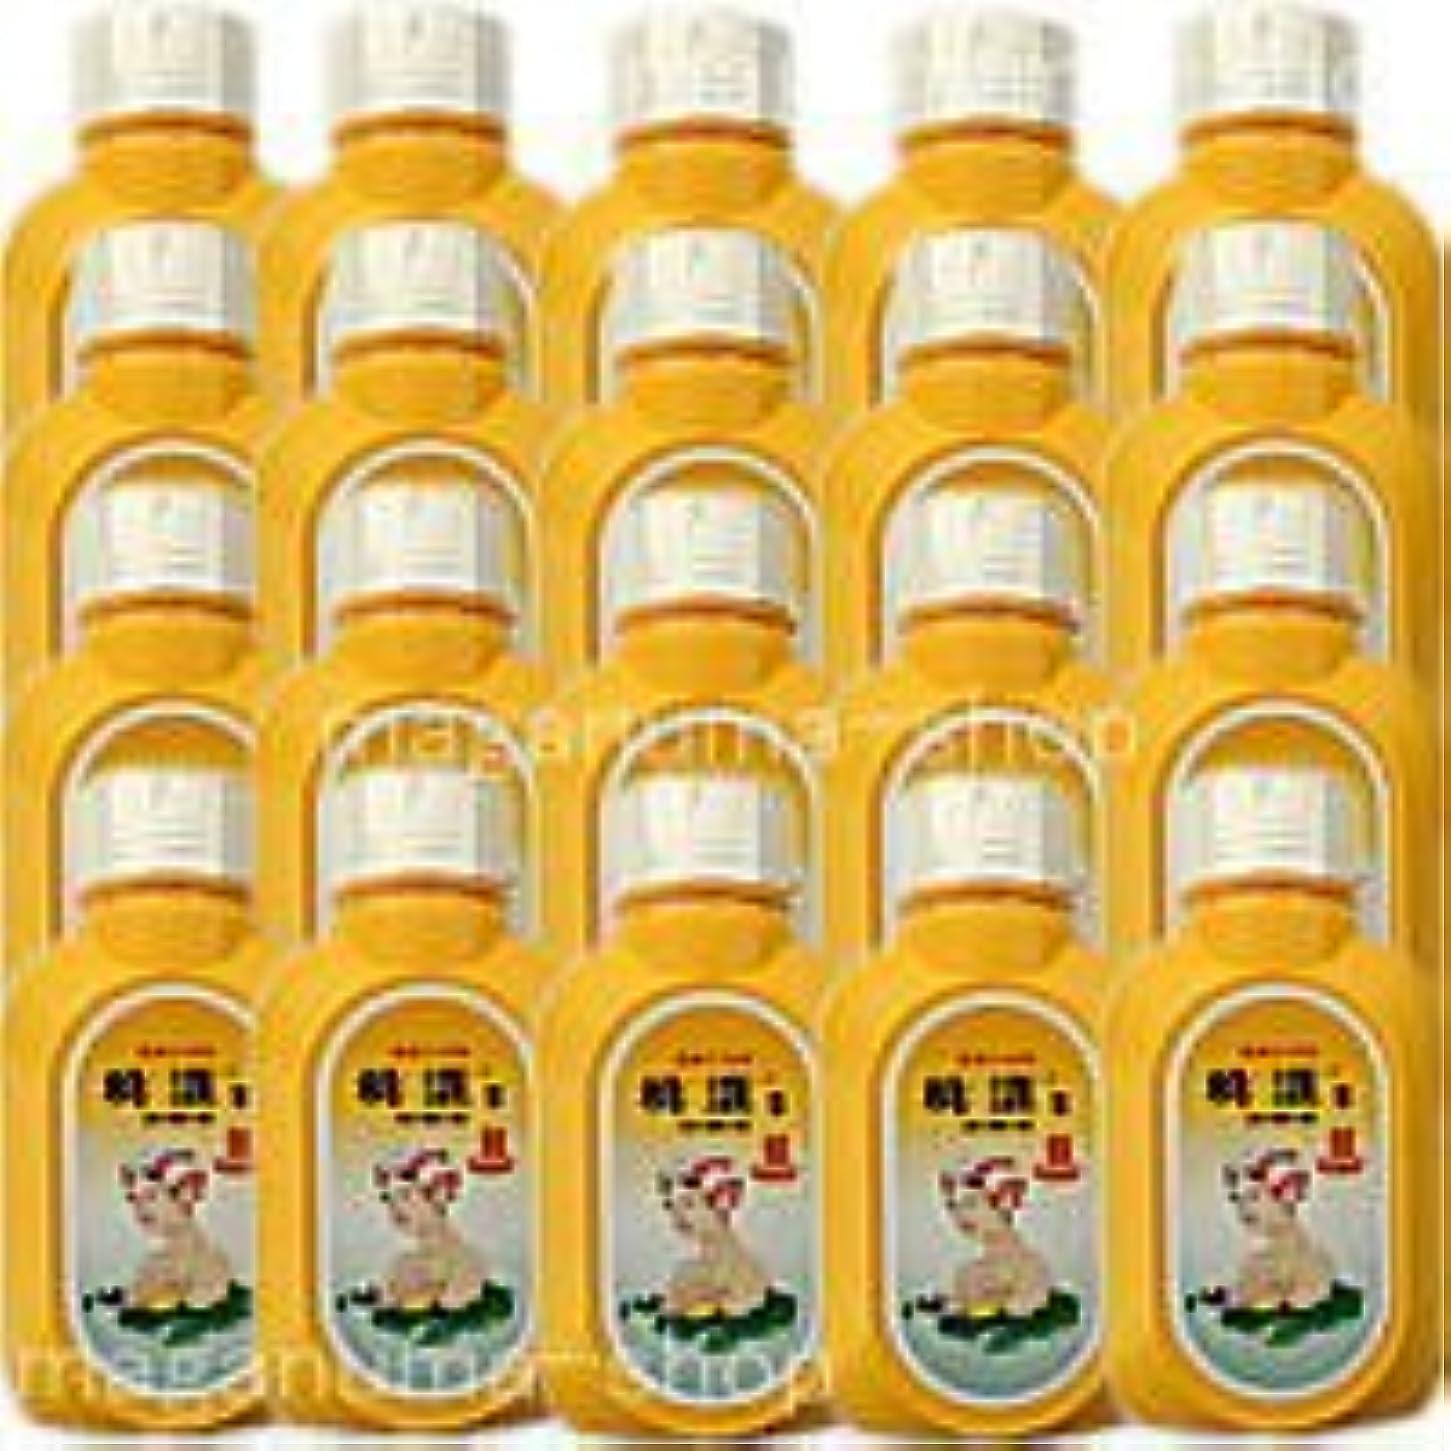 スリッパステレオ男らしい桃源S 桃の葉の精 700g(オレンジ) 20個